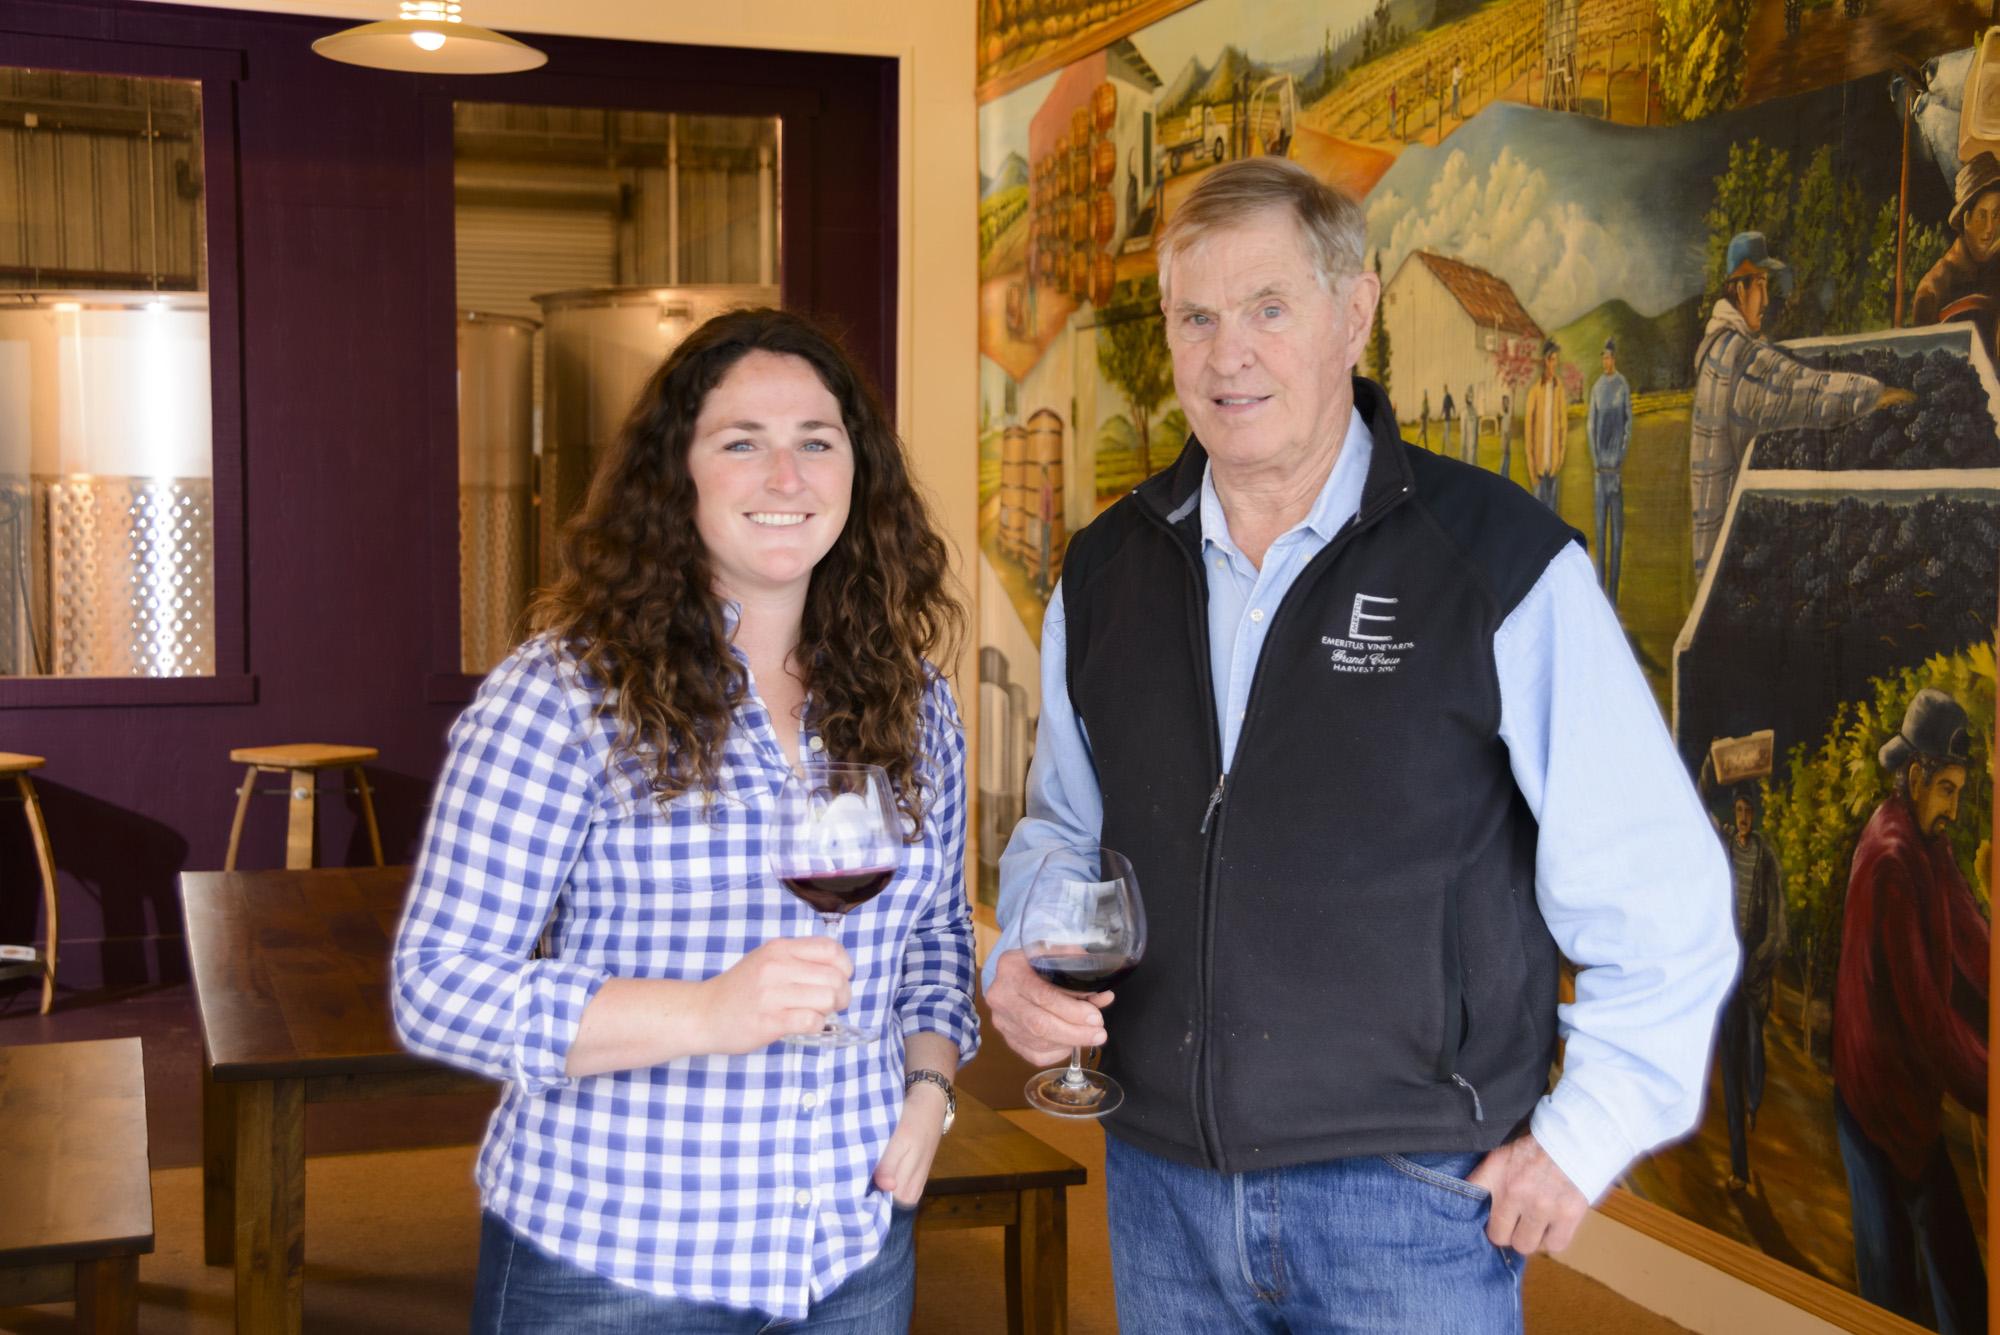 Mari and Brice at the Winery